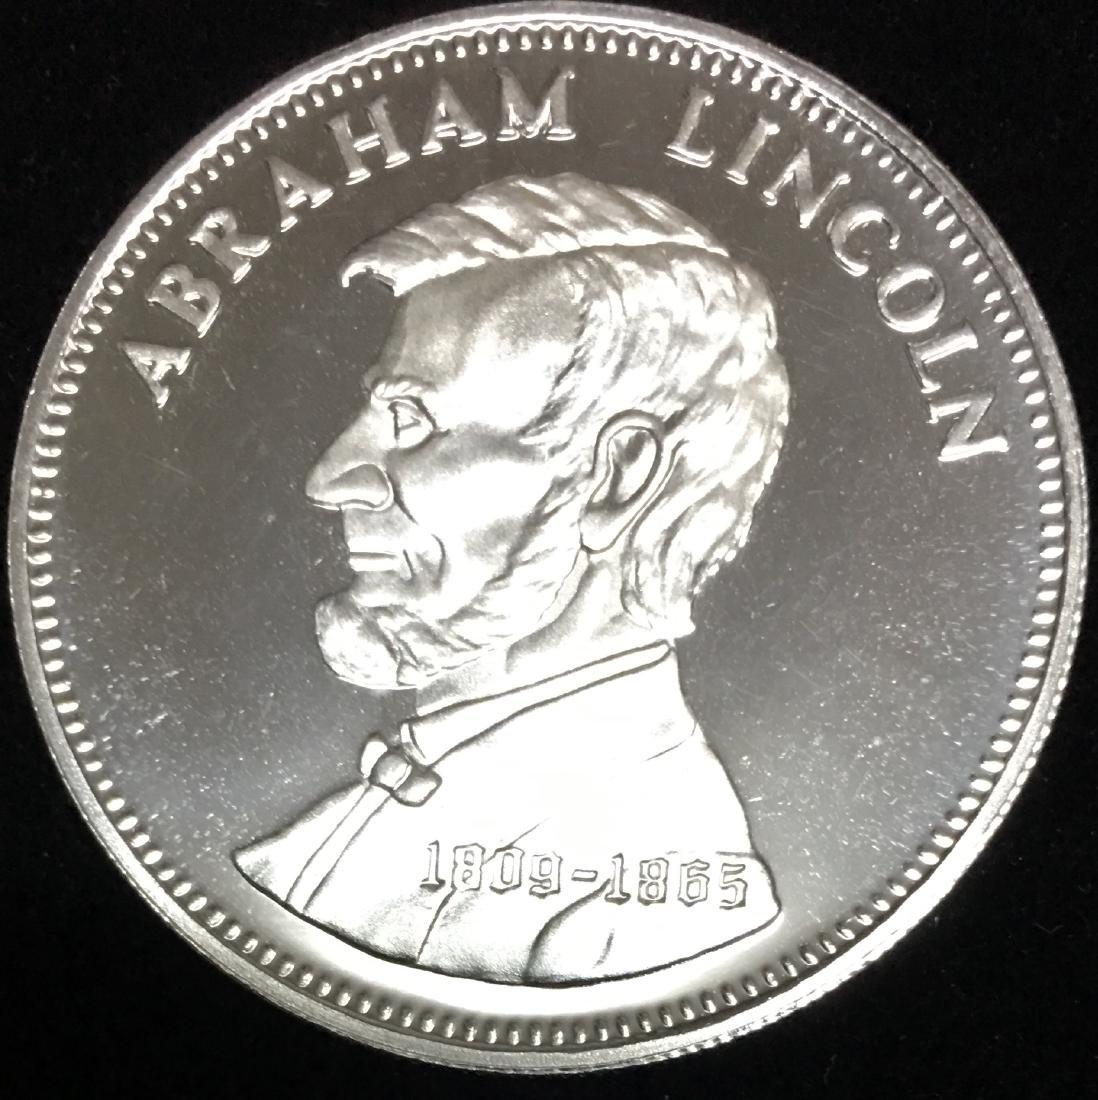 1806-1865 Abraham Lincoln 0.5 tr. oz..999 Fine Silver